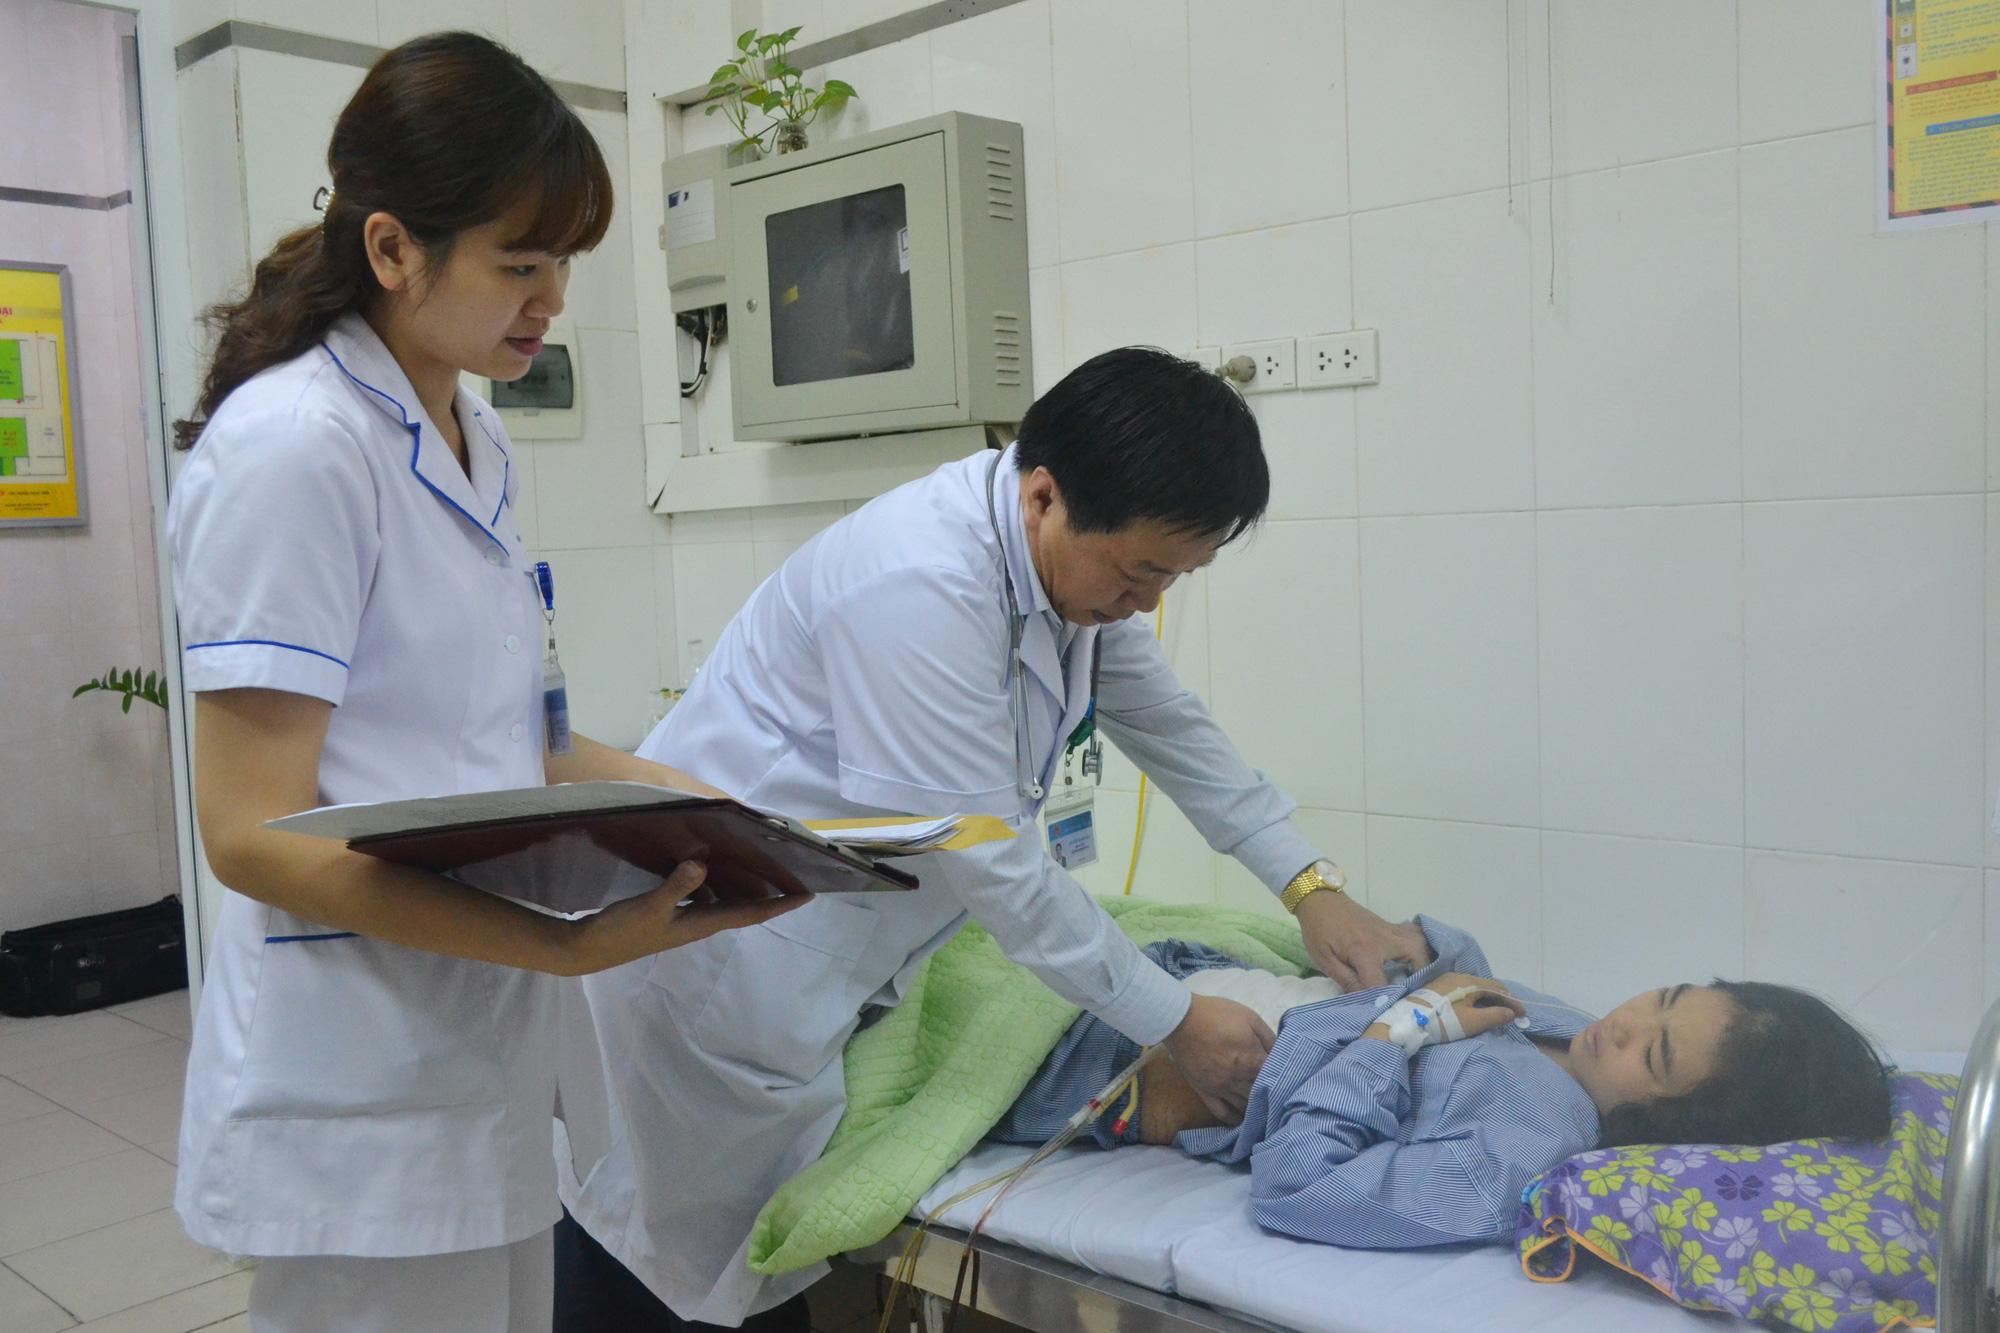 Bỏ qua hết mọi thủ tục, các bác sĩ cứu sống bệnh nhân đa chấn thương trong gang tấc - Ảnh 3.